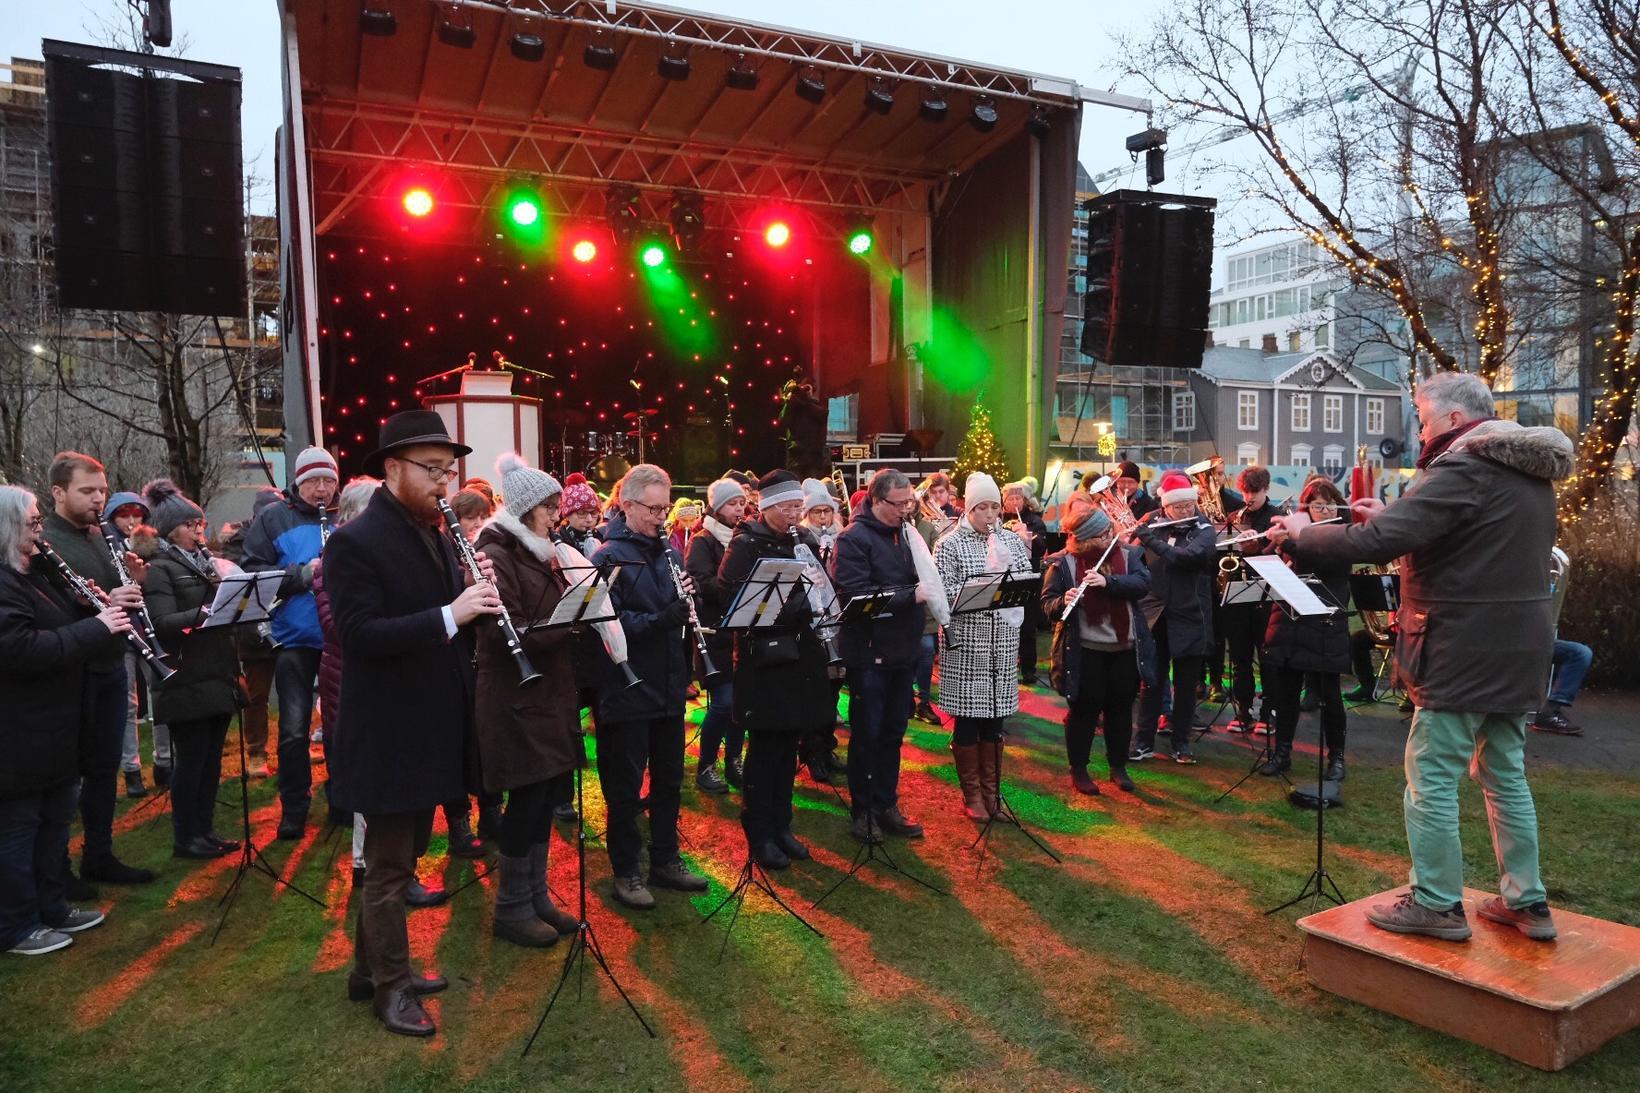 Reykjavík City Band and Sagene Janitsjarkorps from Oslo played.